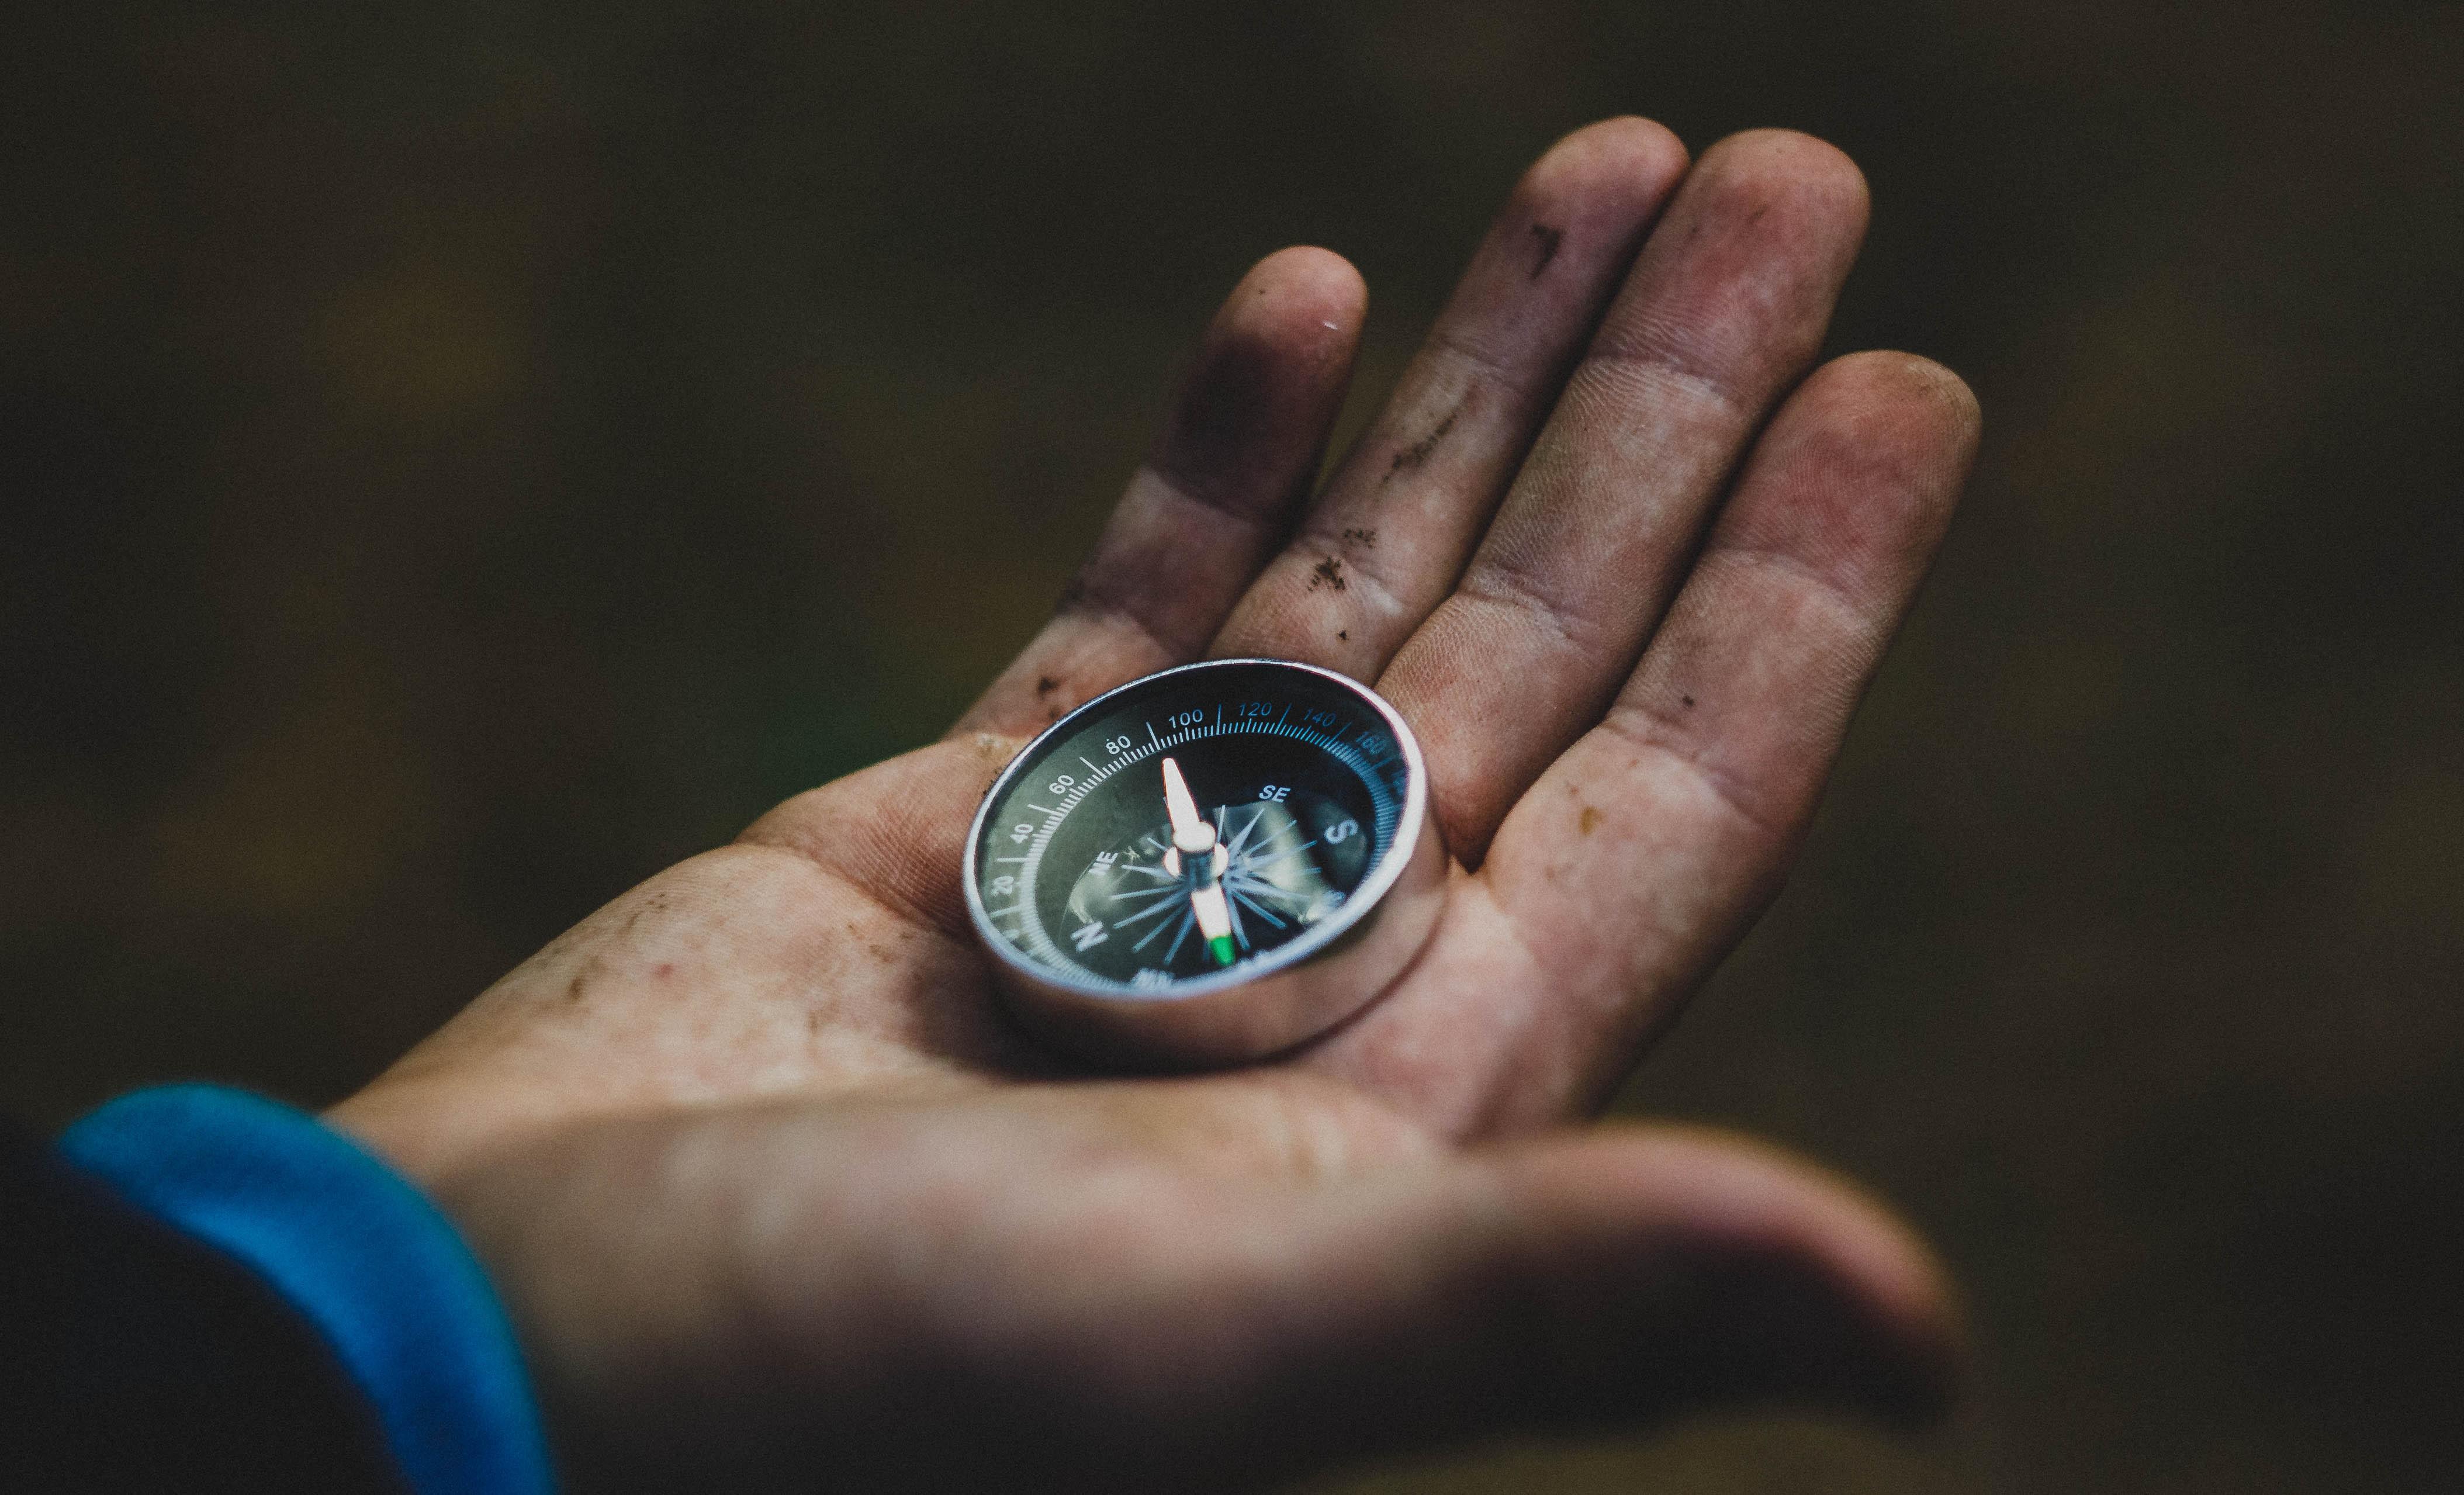 Ein Kompass in einer Hand.